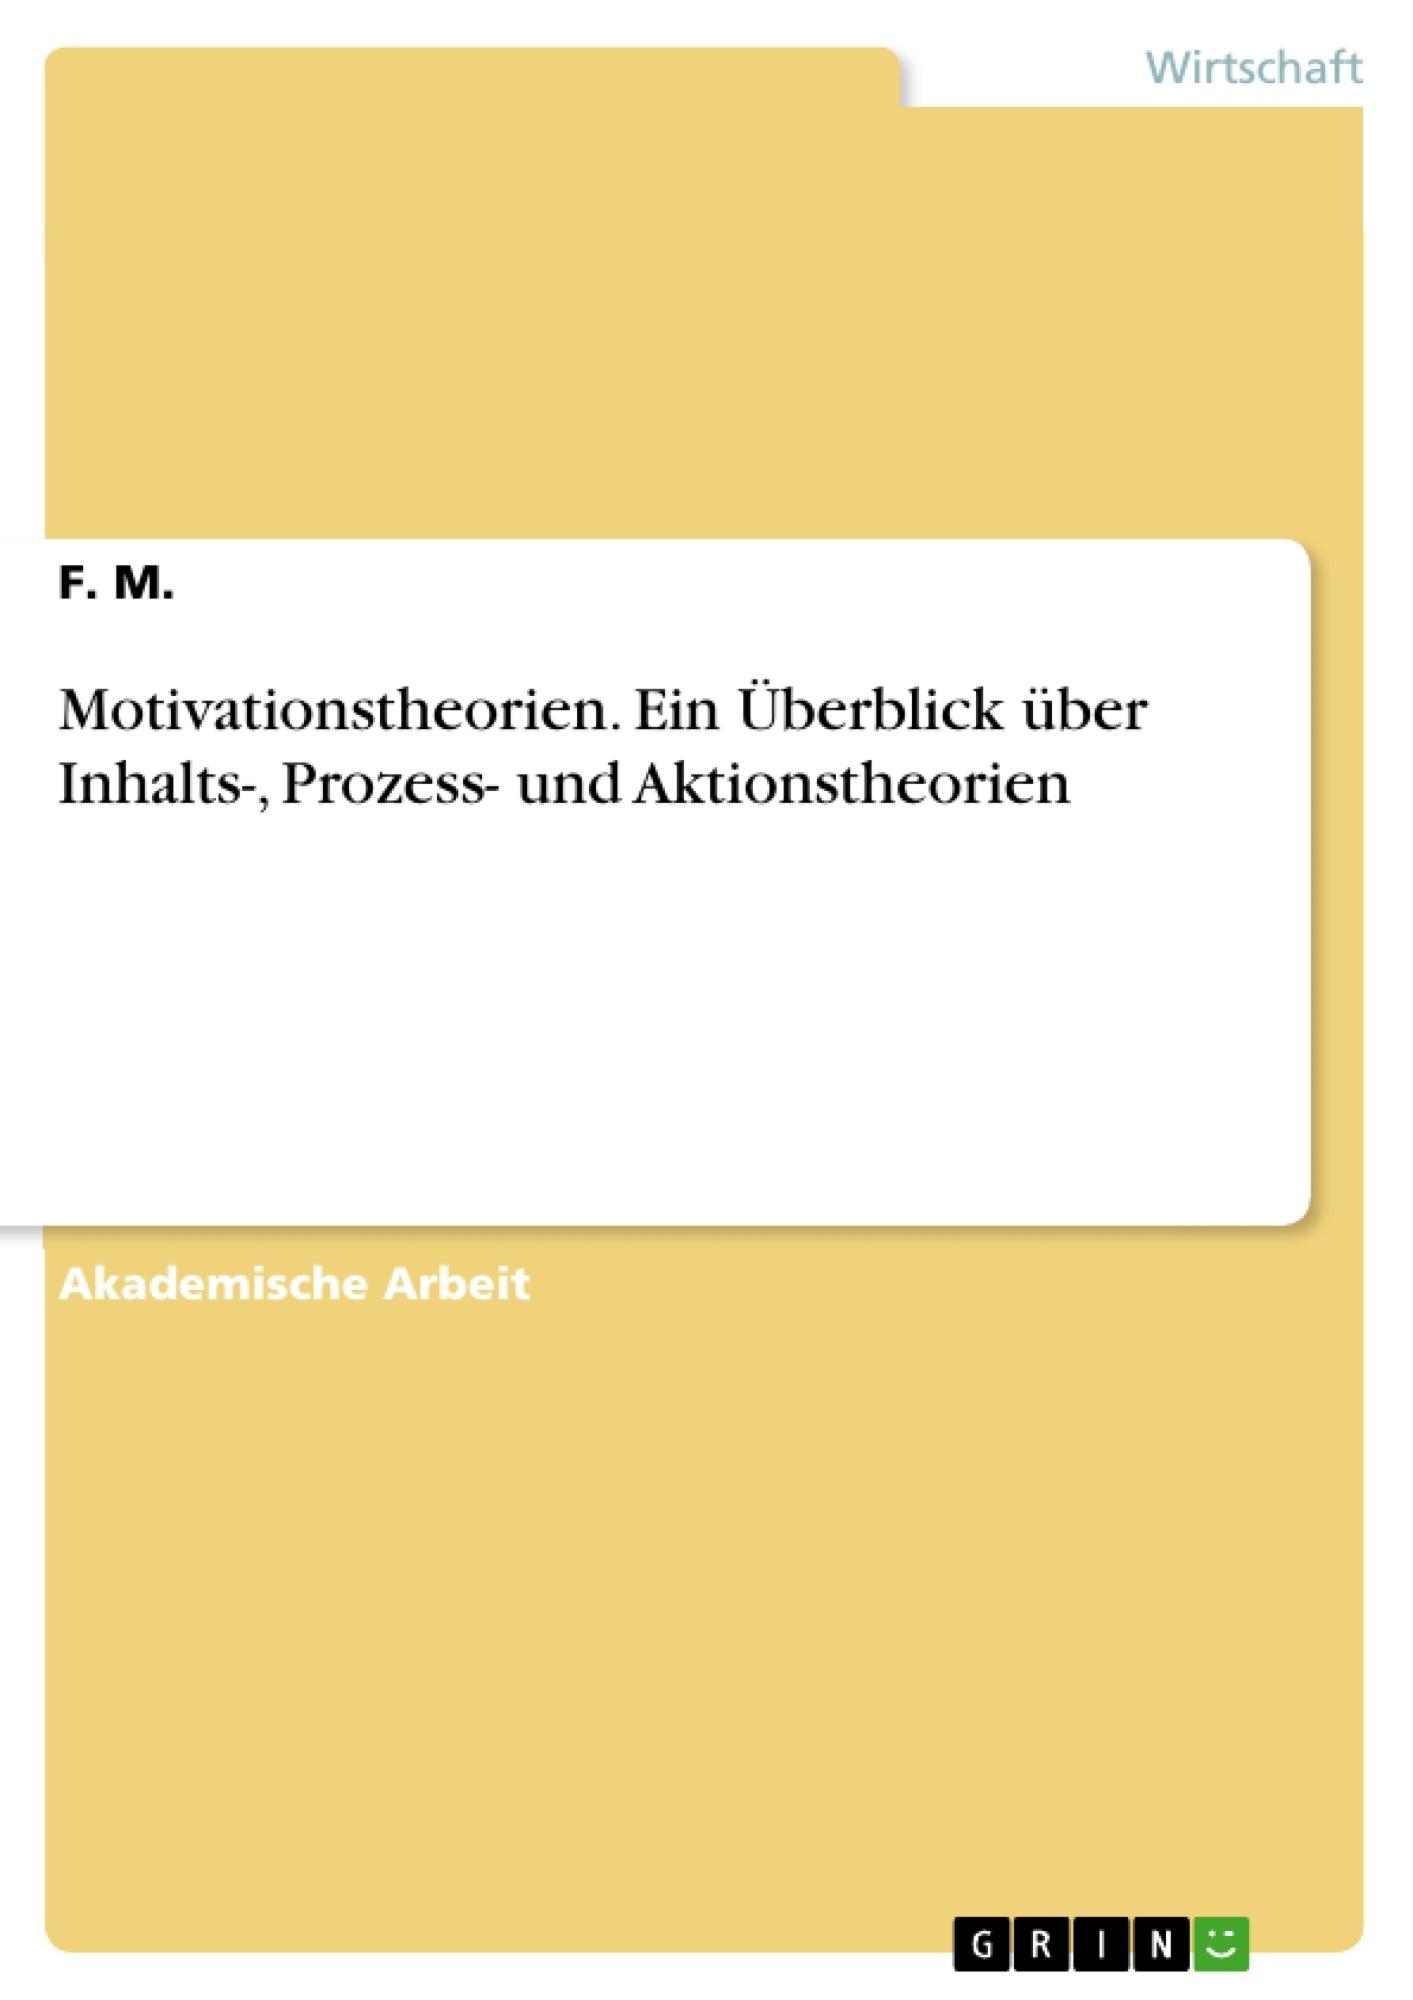 Titel: Motivationstheorien. Ein Überblick über Inhalts-, Prozess- und Aktionstheorien